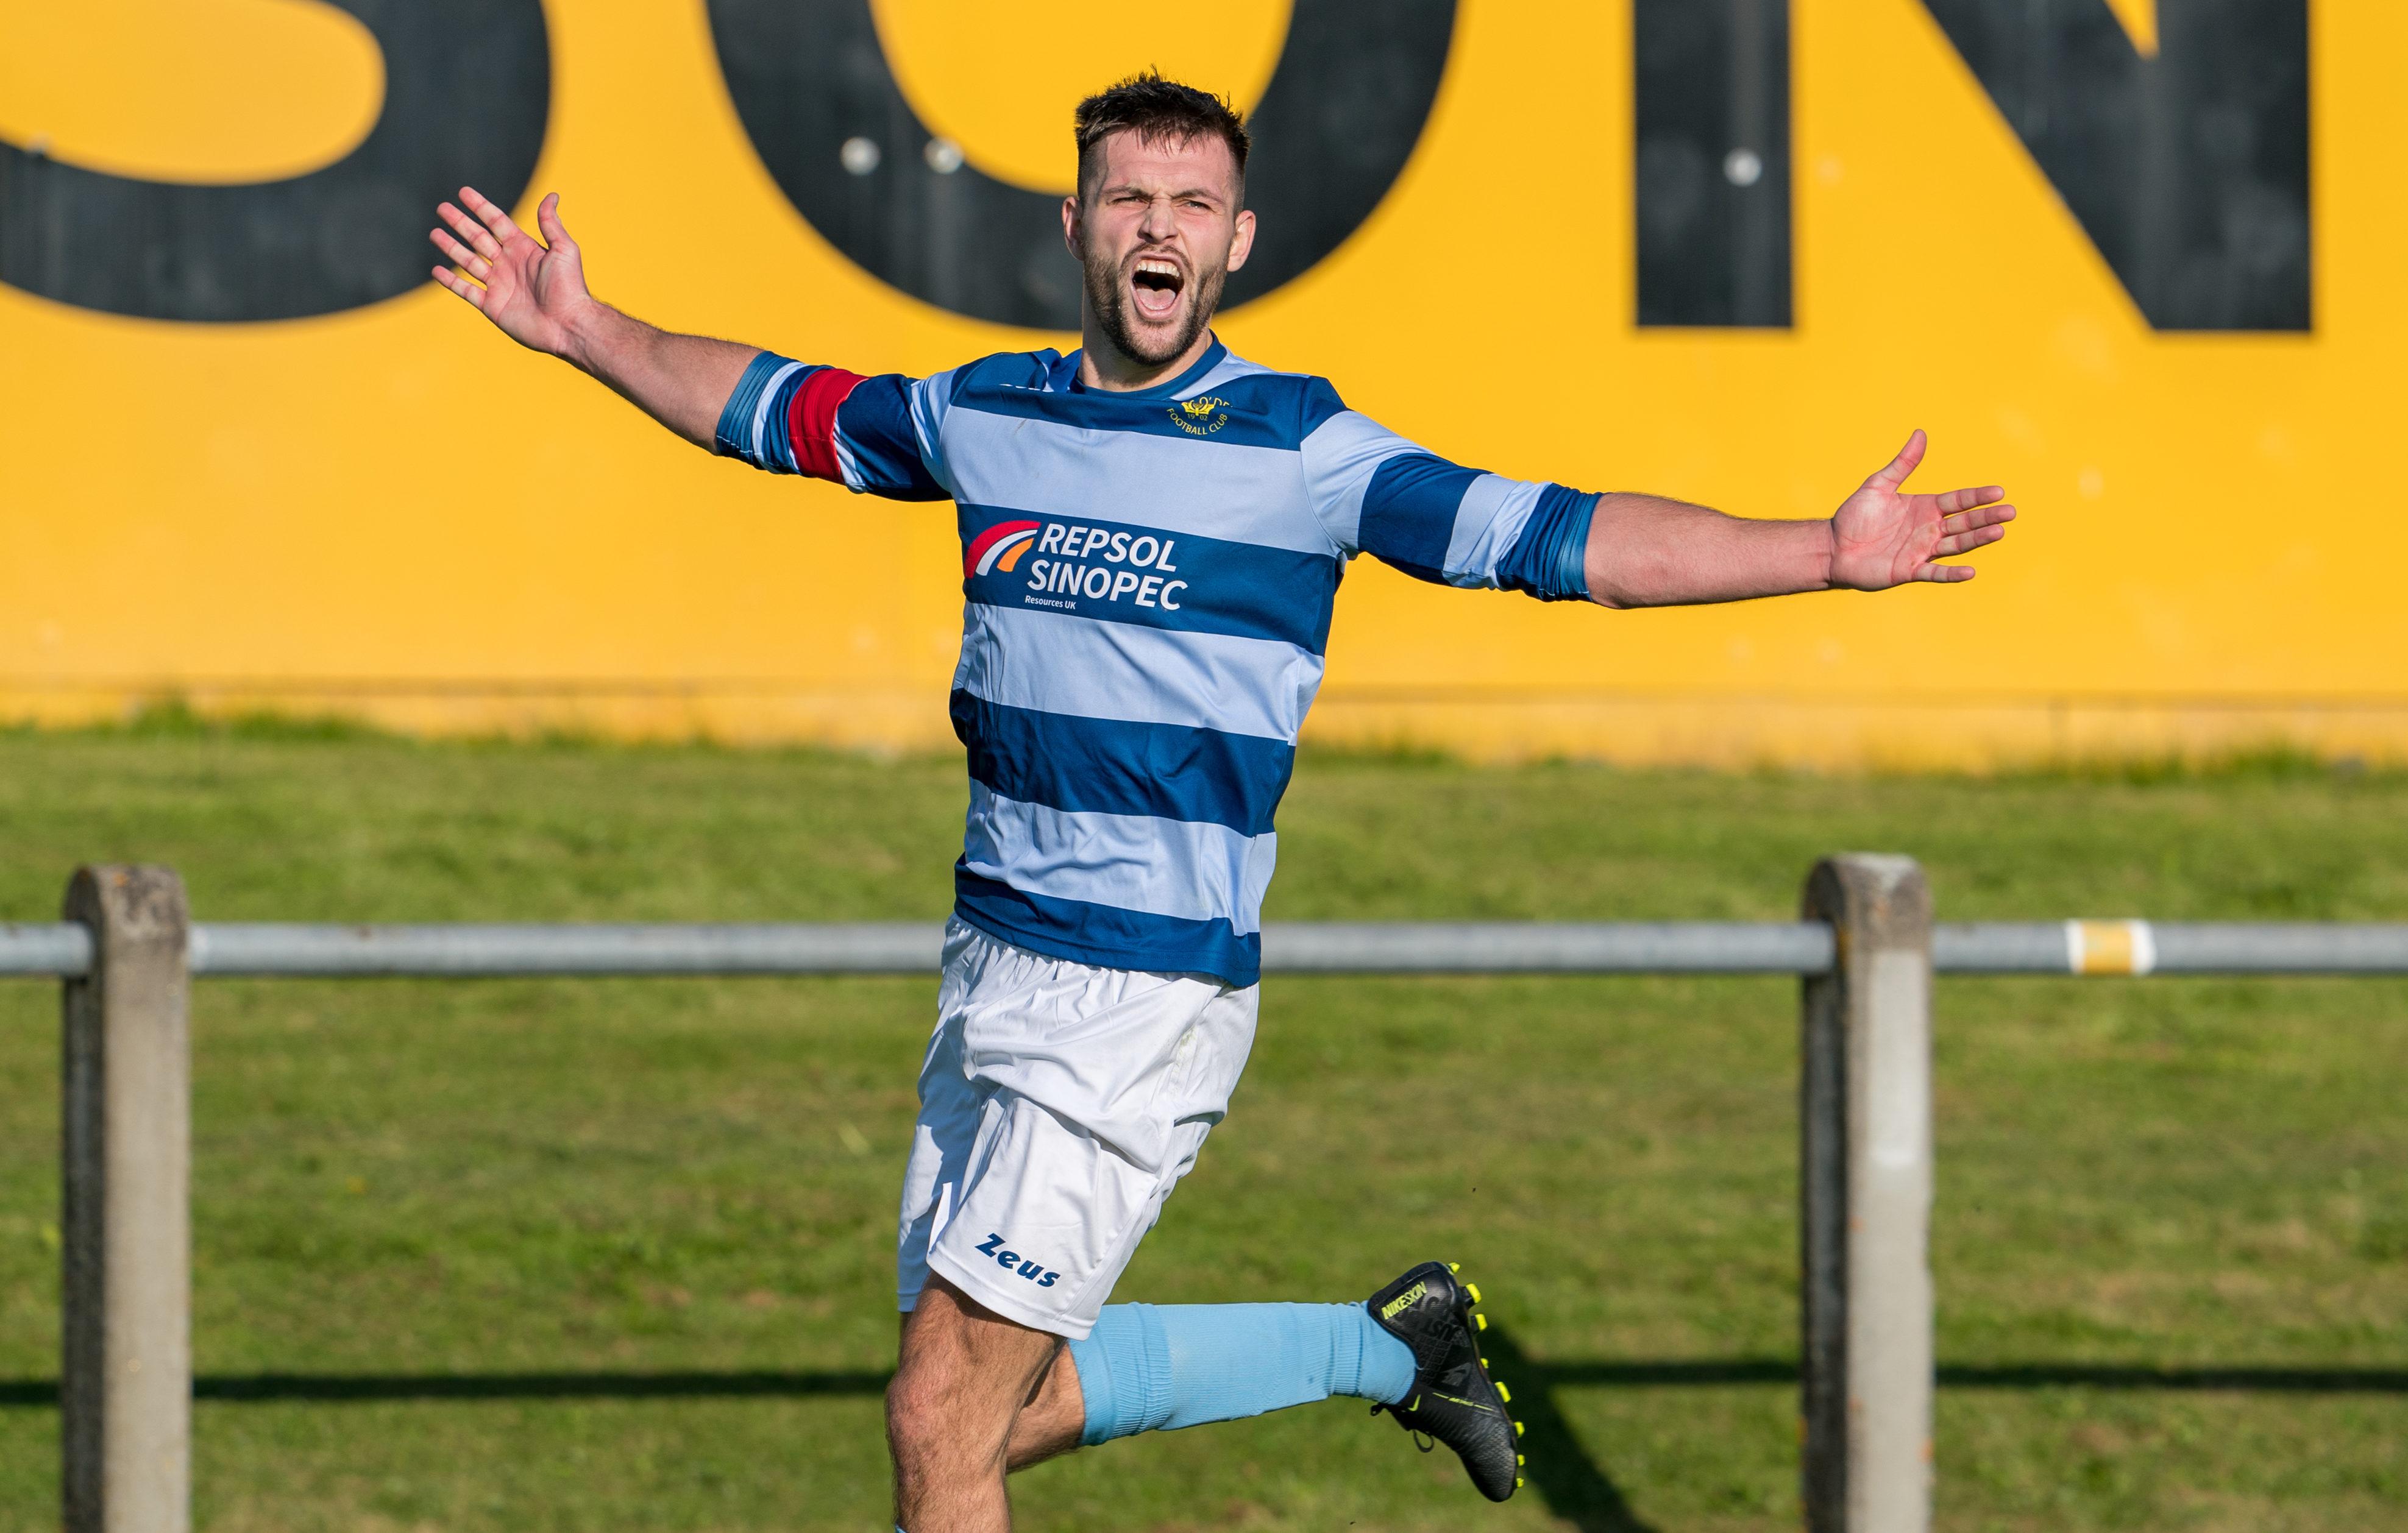 Kane Winton celebrates his goal